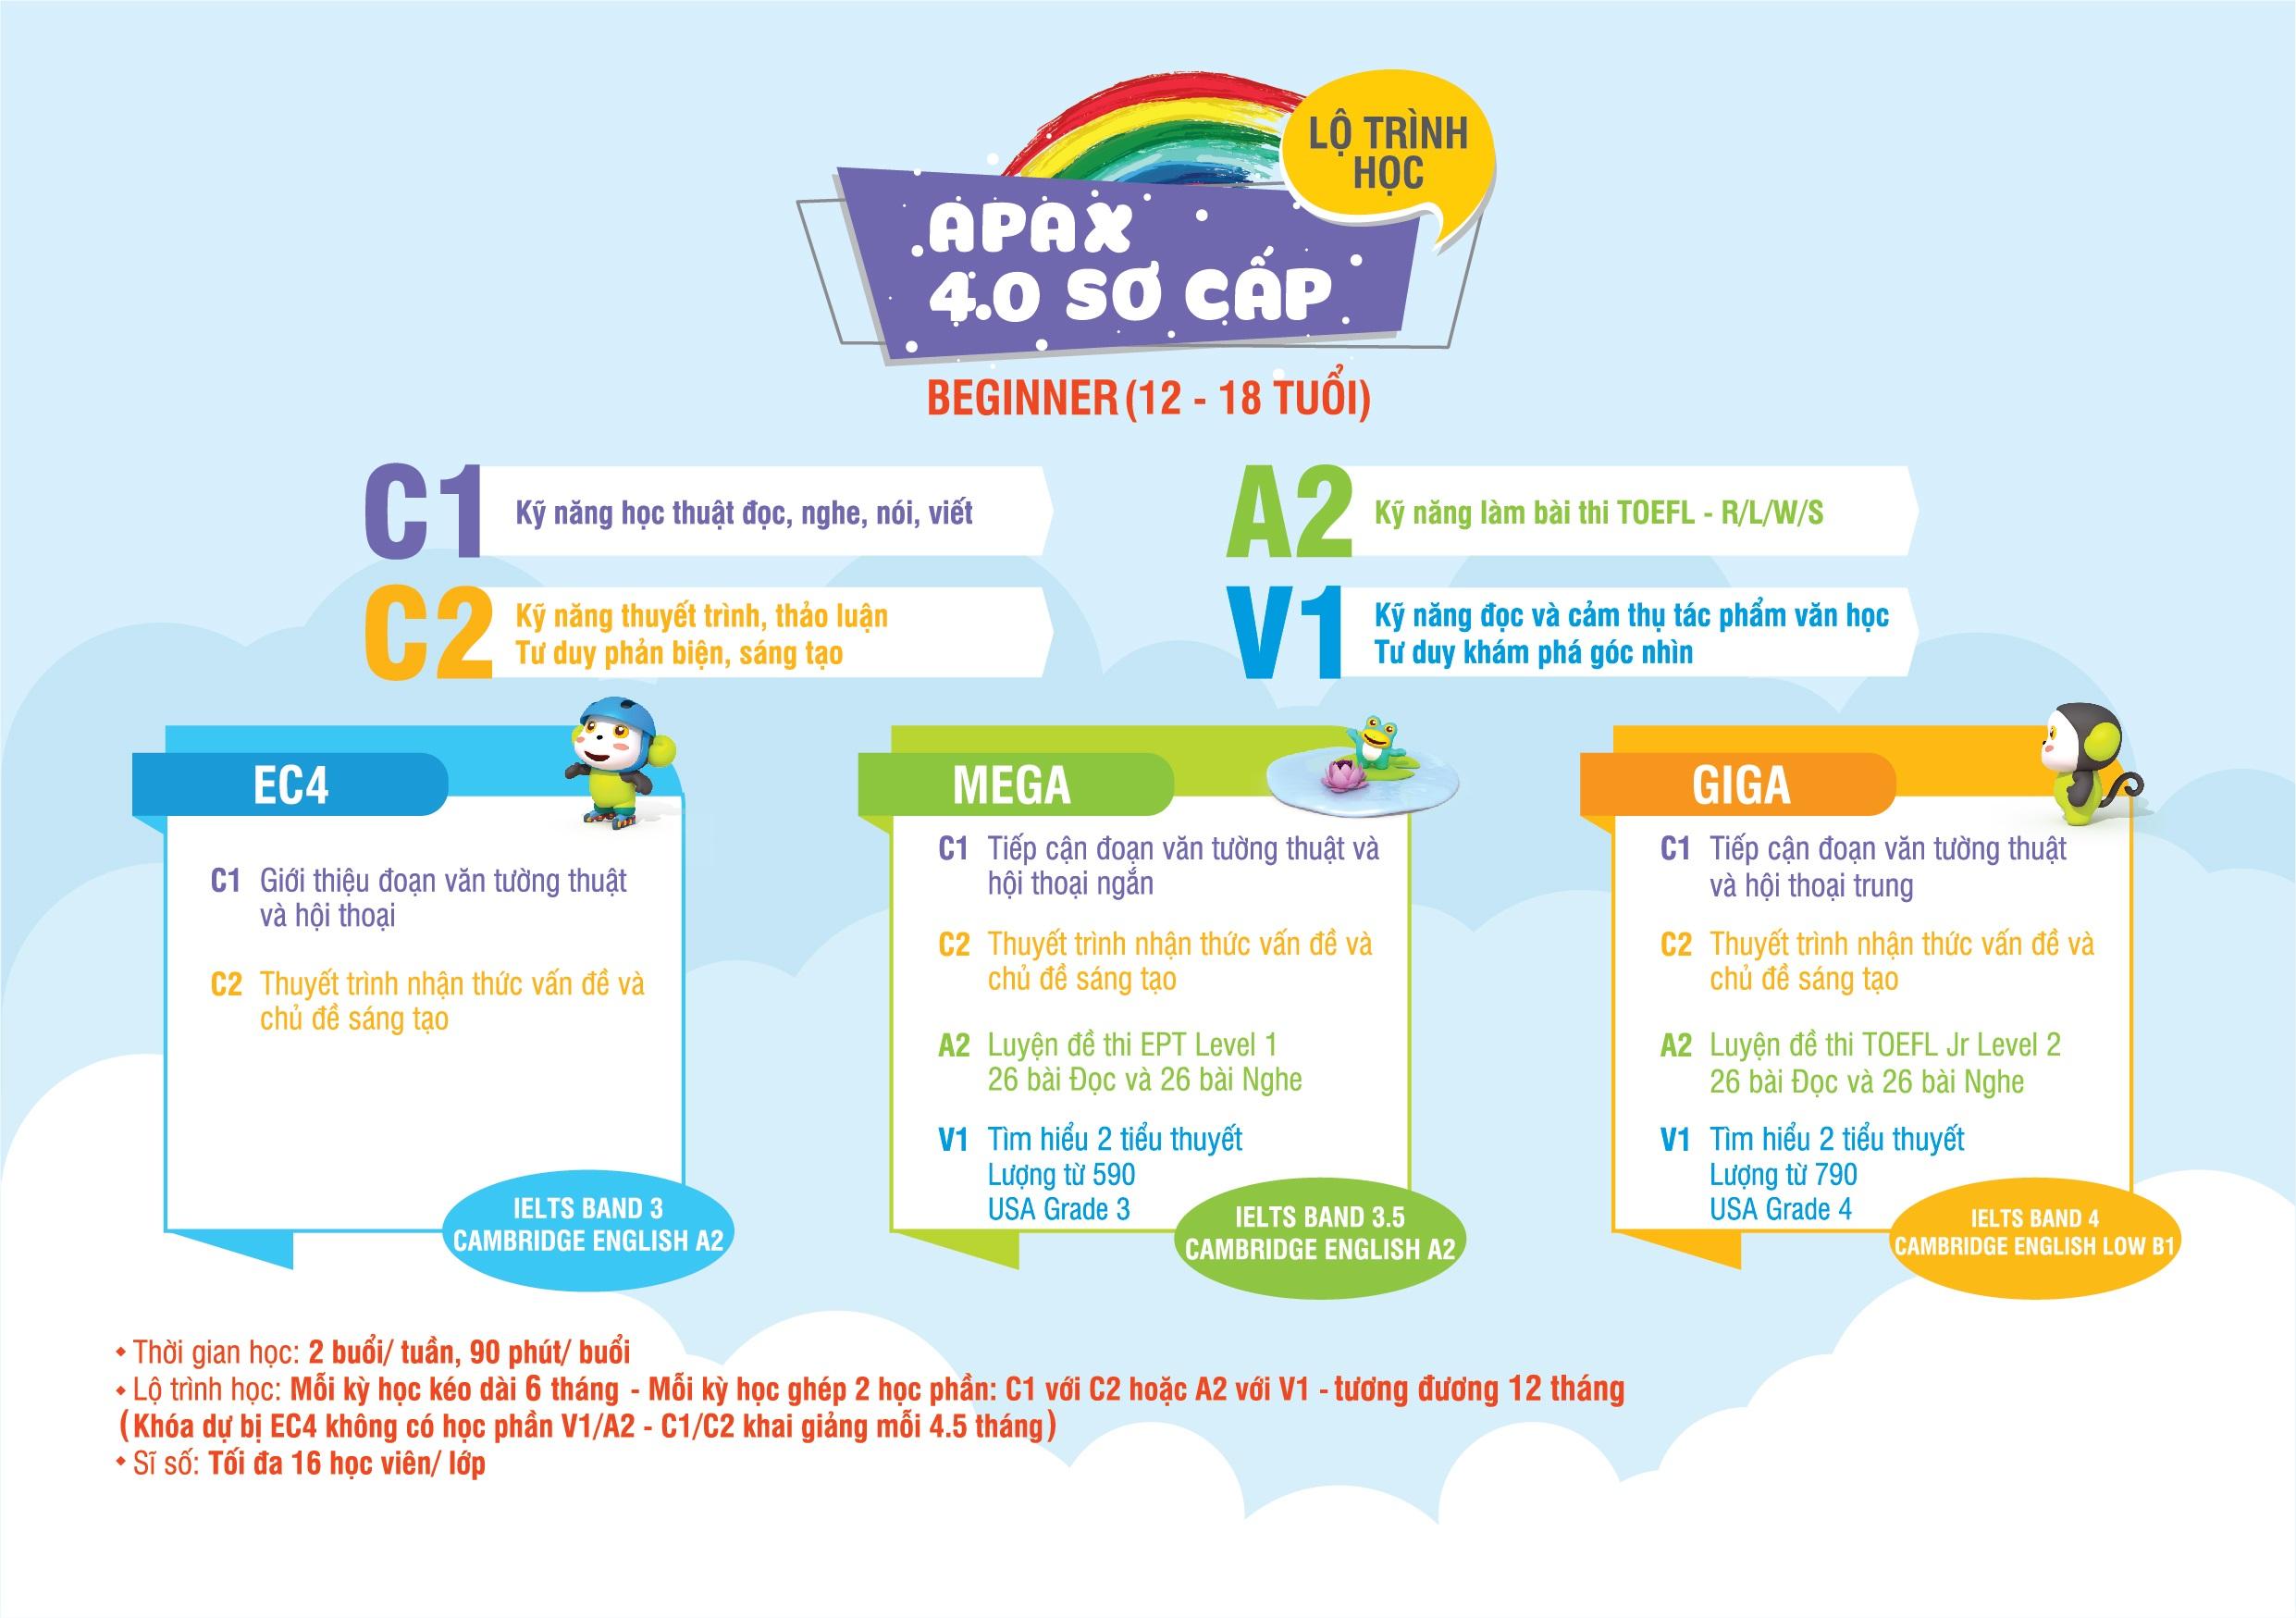 Lộ trình đào tạo APAX 4.0